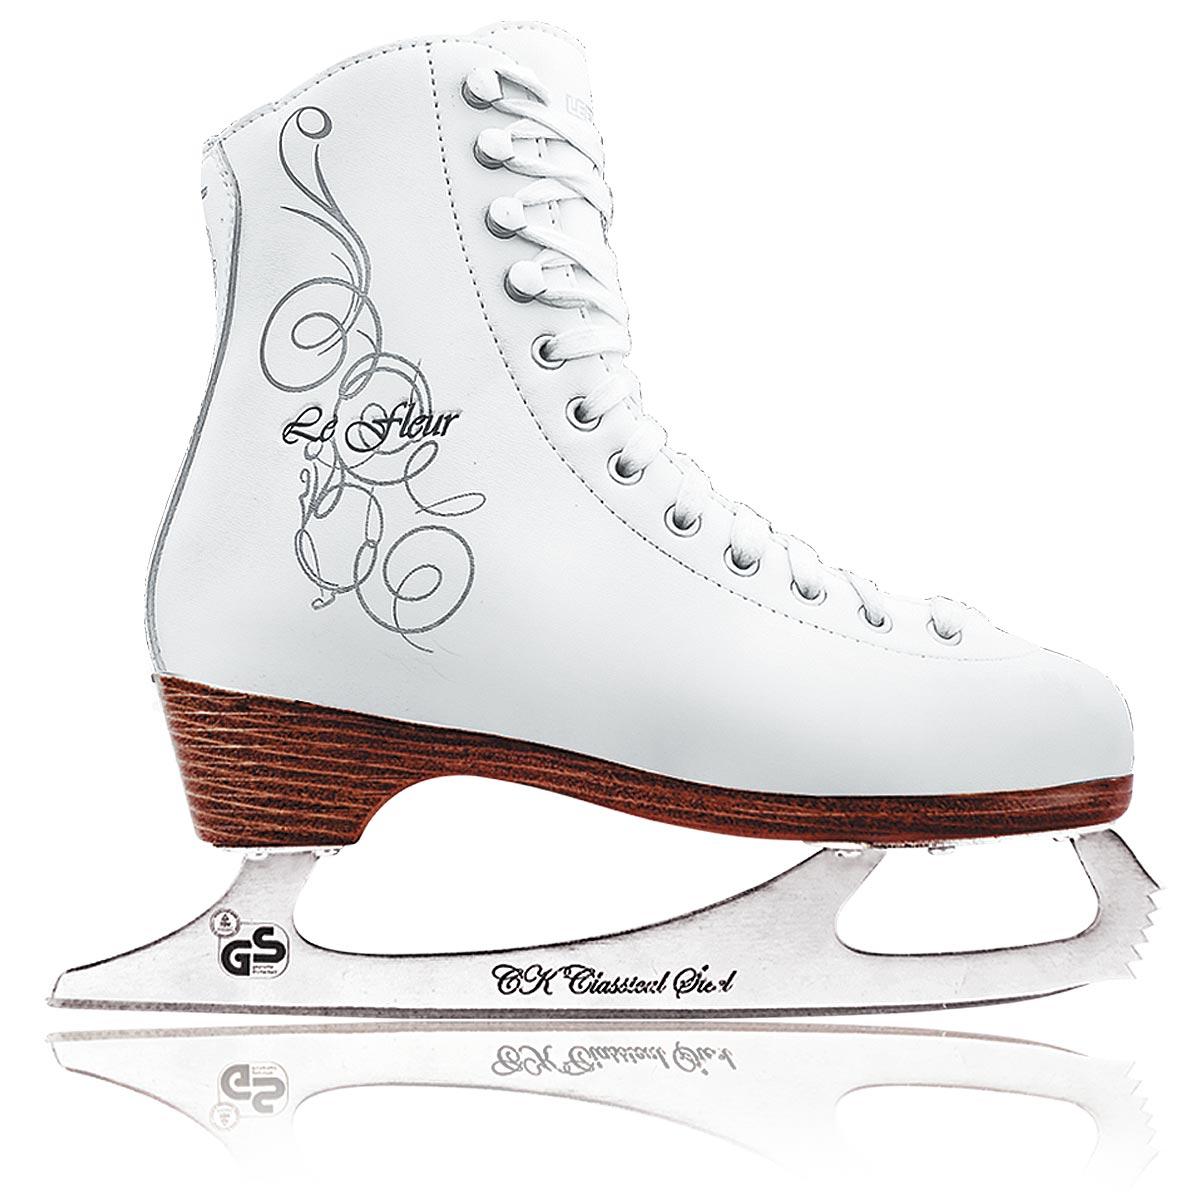 Коньки фигурные женские СК Le Fleur Leather 100%, цвет: белый, серебряный. Размер 40